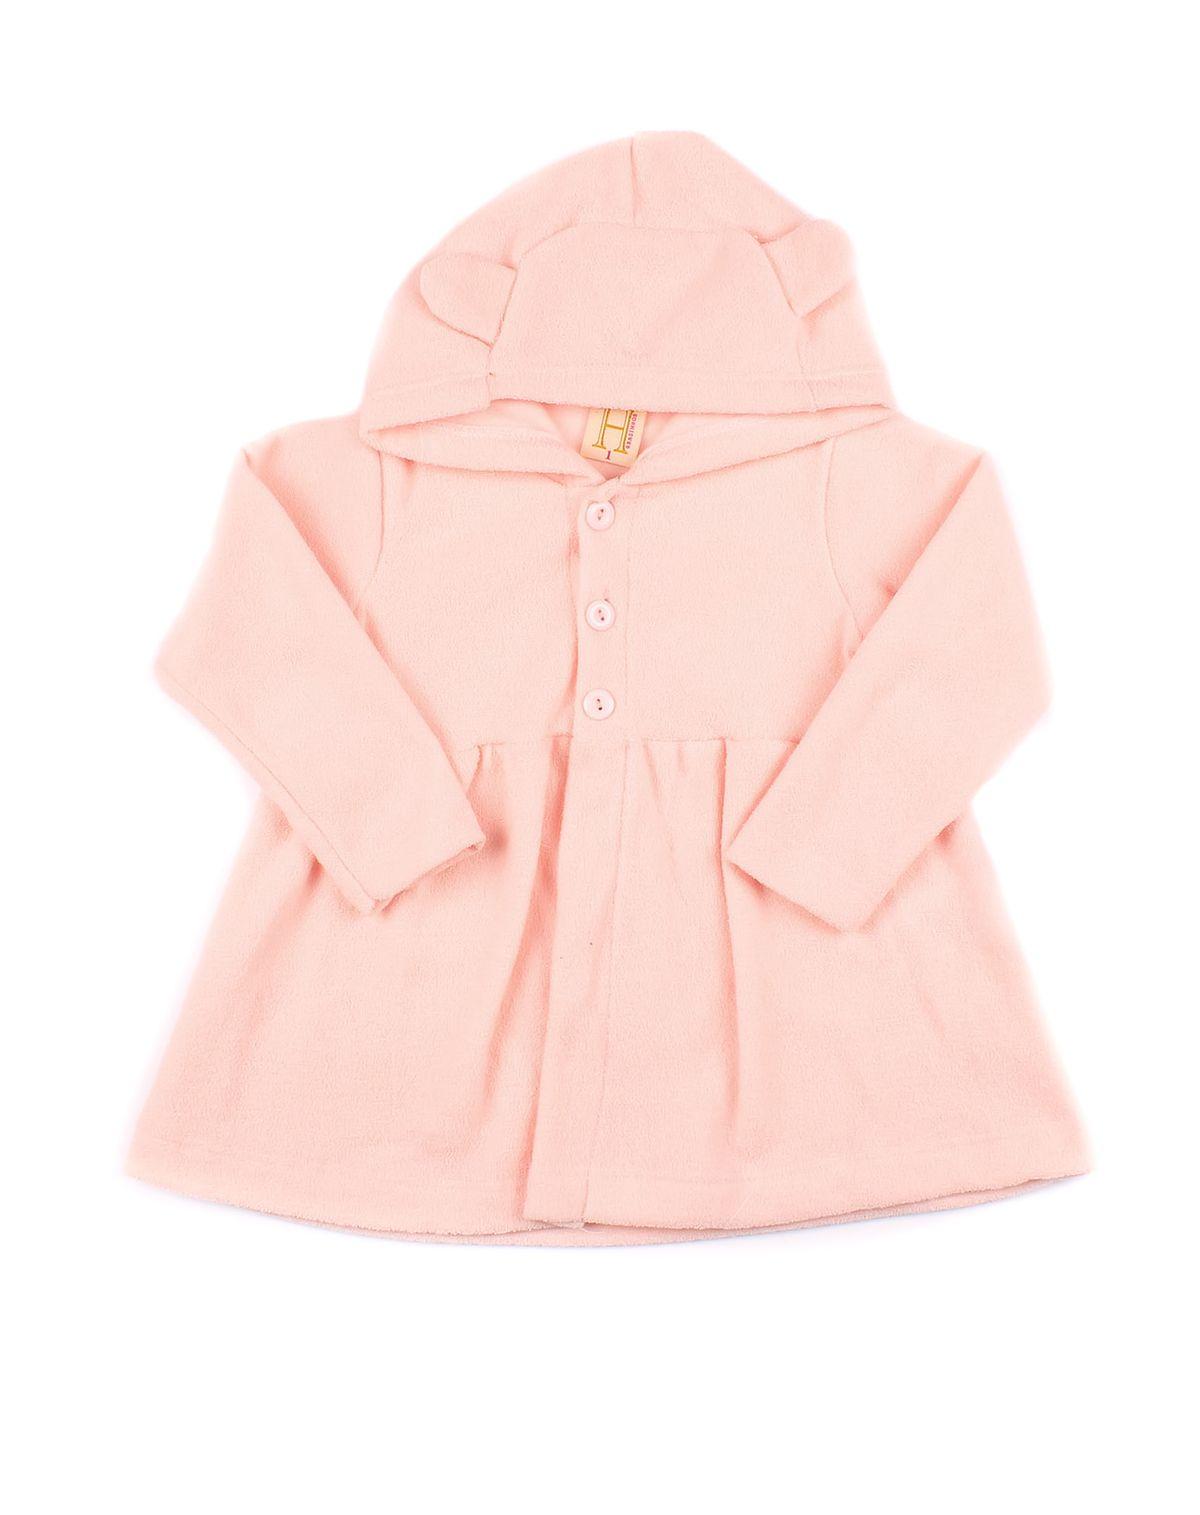 581219005-casaco-bebe-menina-flanelado-capuz-orelhinhas-rose-2-736